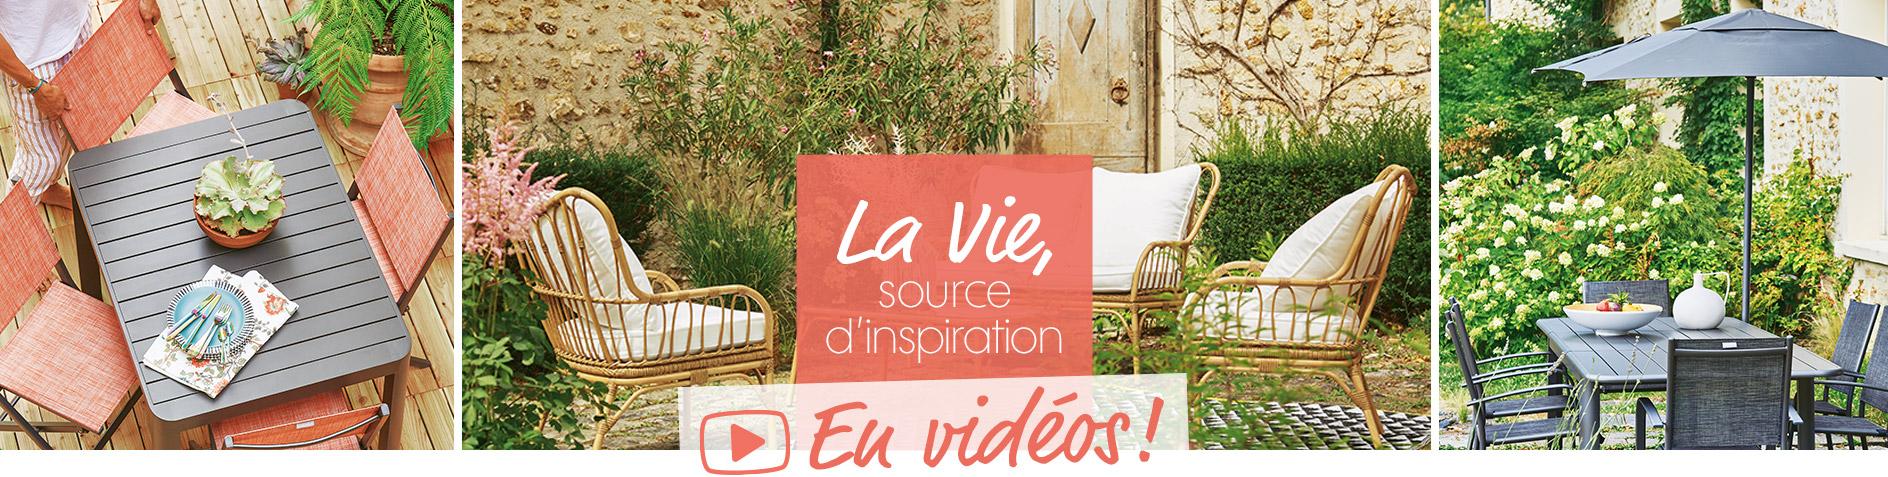 La vie, source d'inspiration - En vidéo